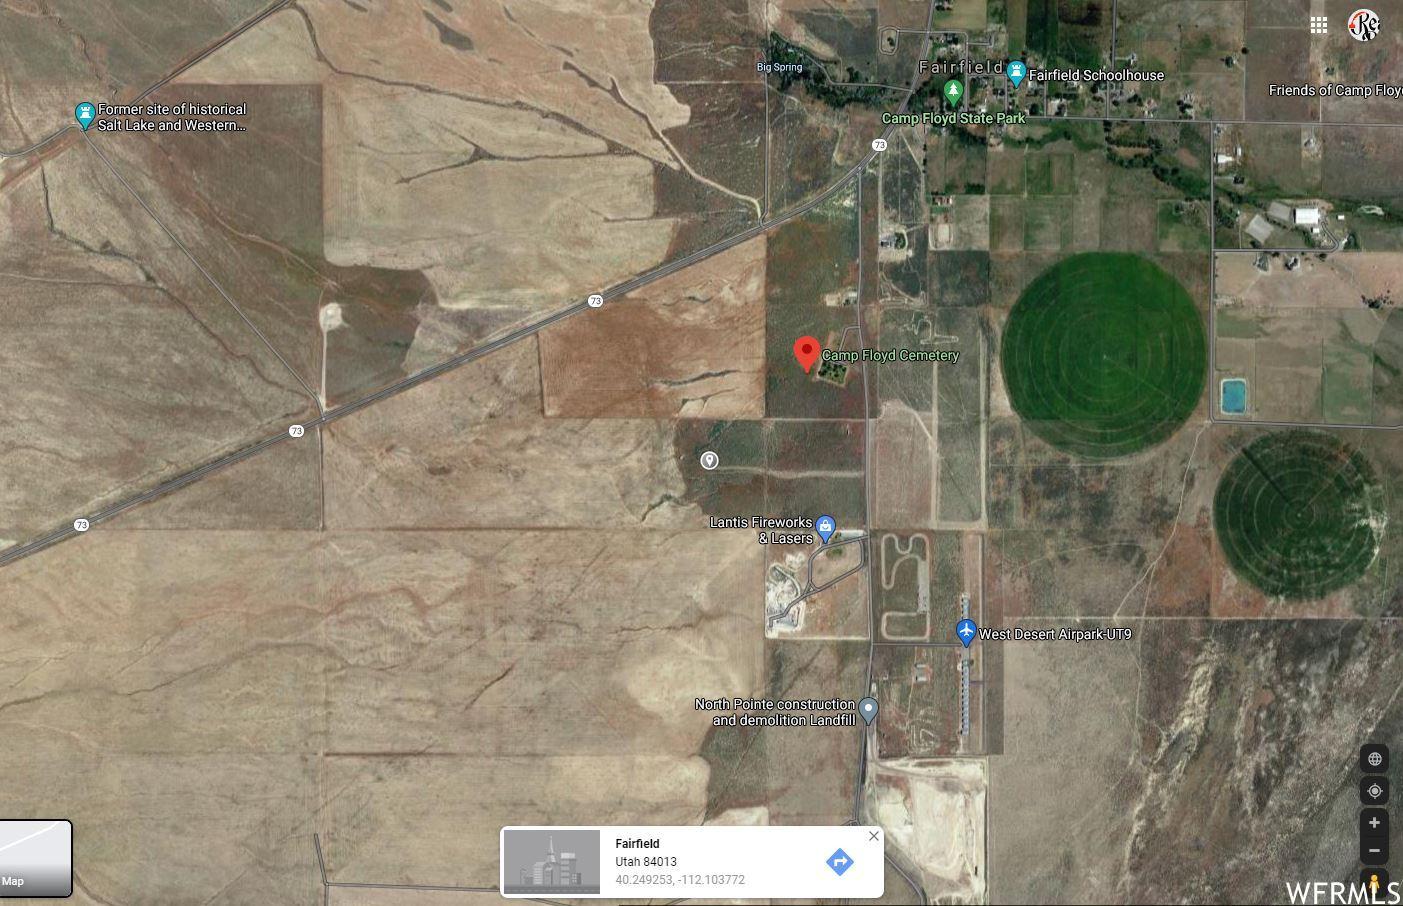 Photo of 909 N 18150 WEST BACK 40, Fairfield, UT 84013 (MLS # 1723030)